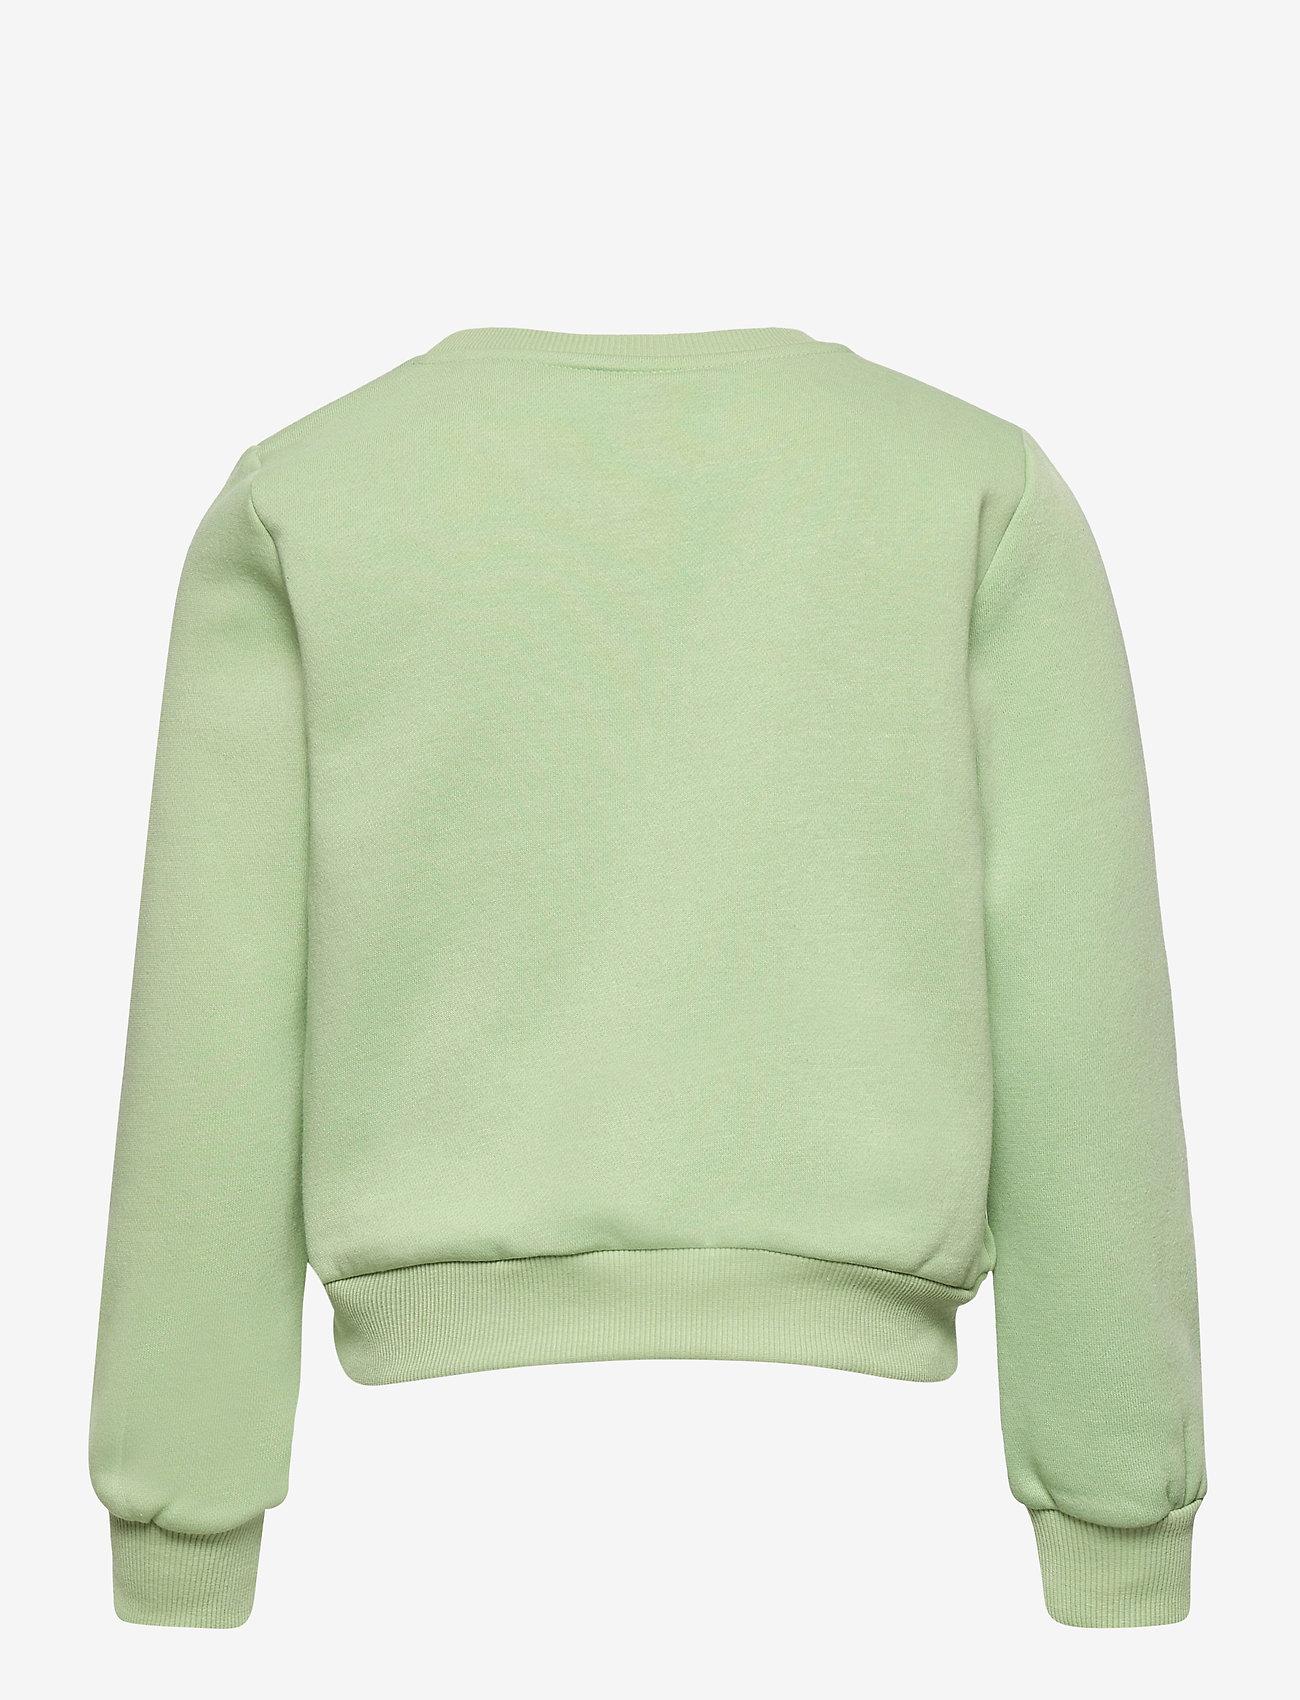 Kids Only - KONLILLIE L/S BOX SWT - sweatshirts - sprucestone - 1